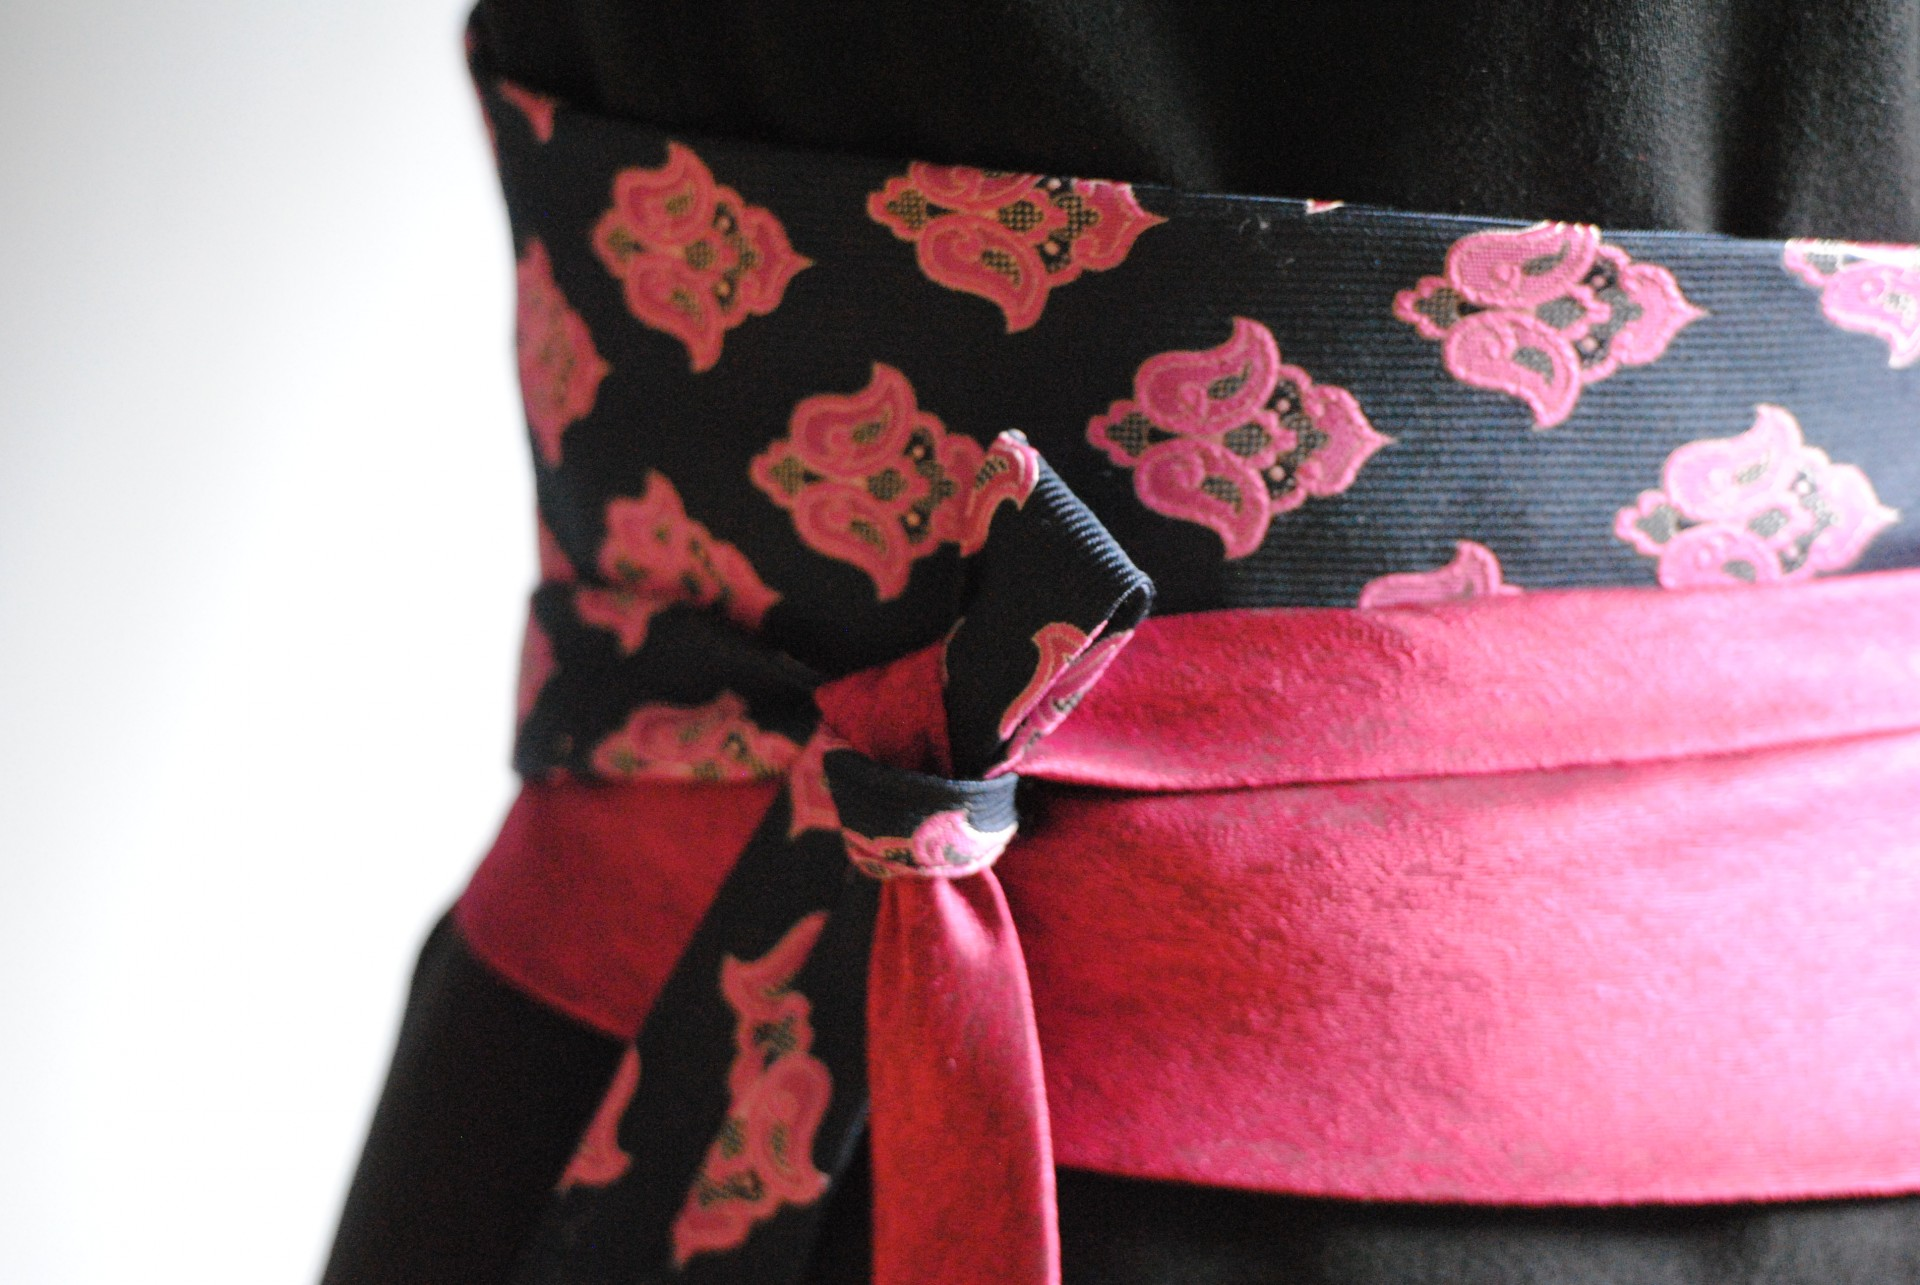 Vom Herrenhals an die Taille der Damen: zwei schicke Schlips werden zum Obi-Gürtel